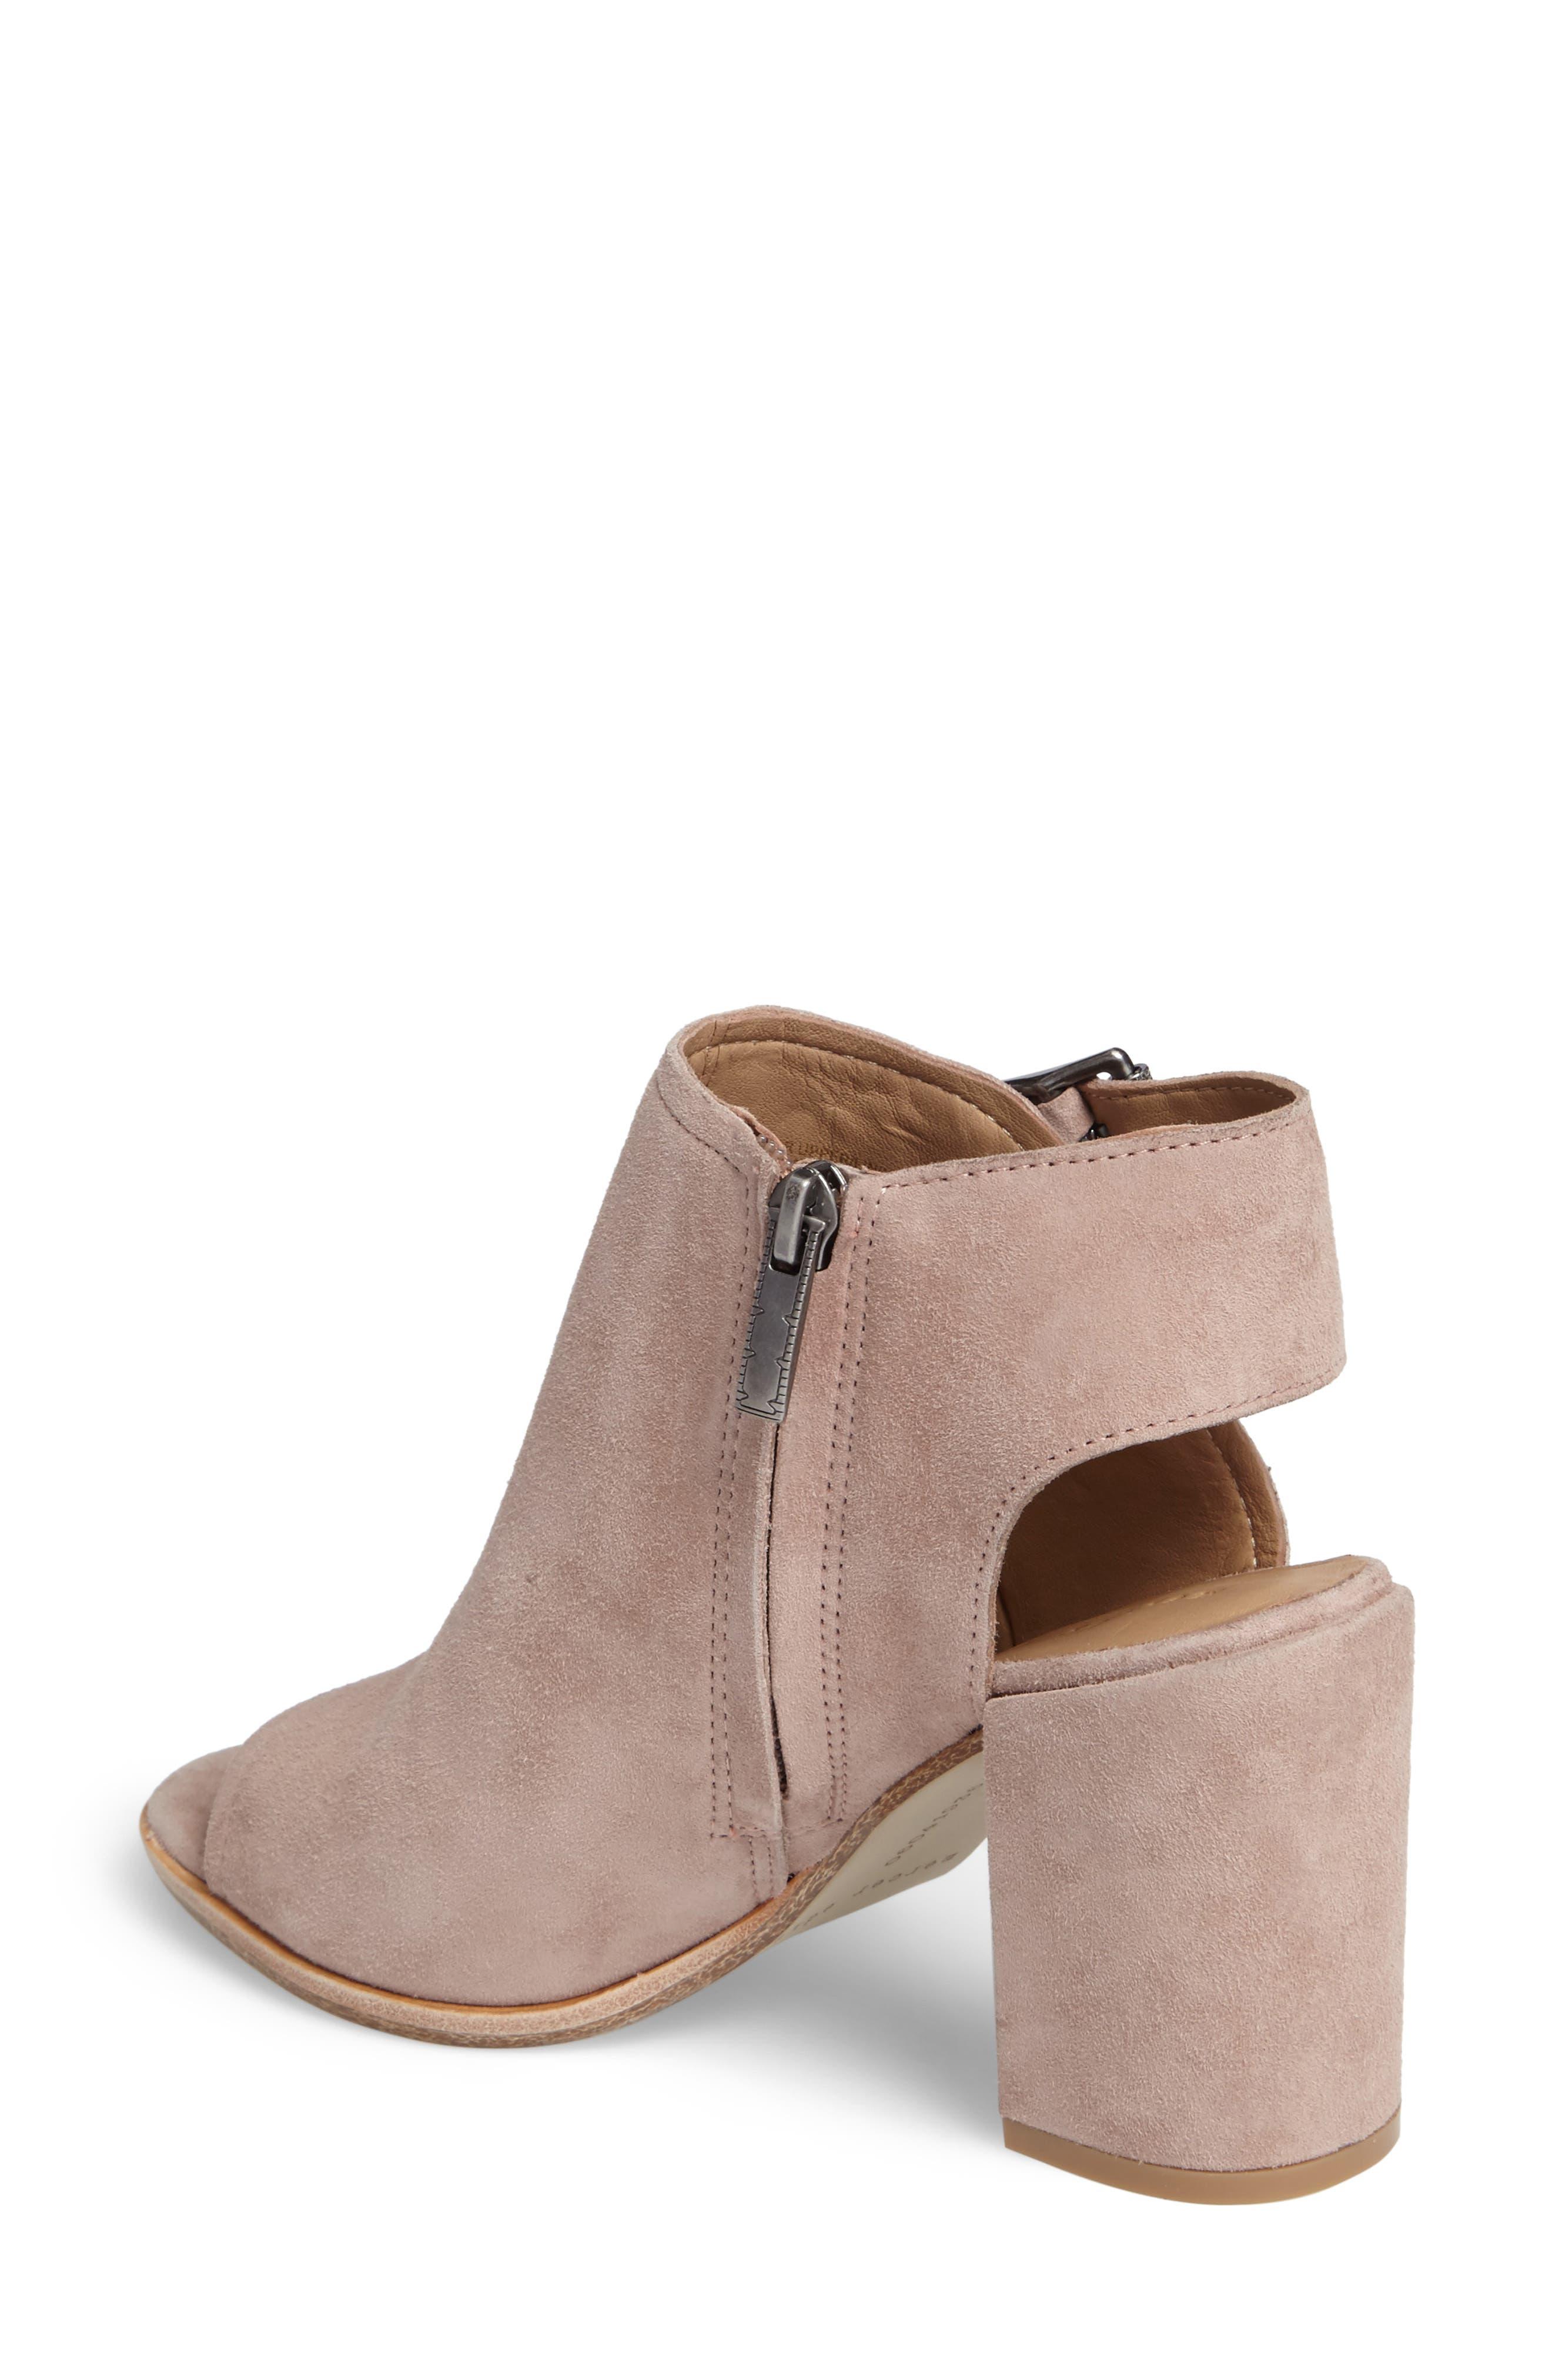 Alternate Image 2  - Mercer Edit MelittleL8 Block Heel Sandal (Women)